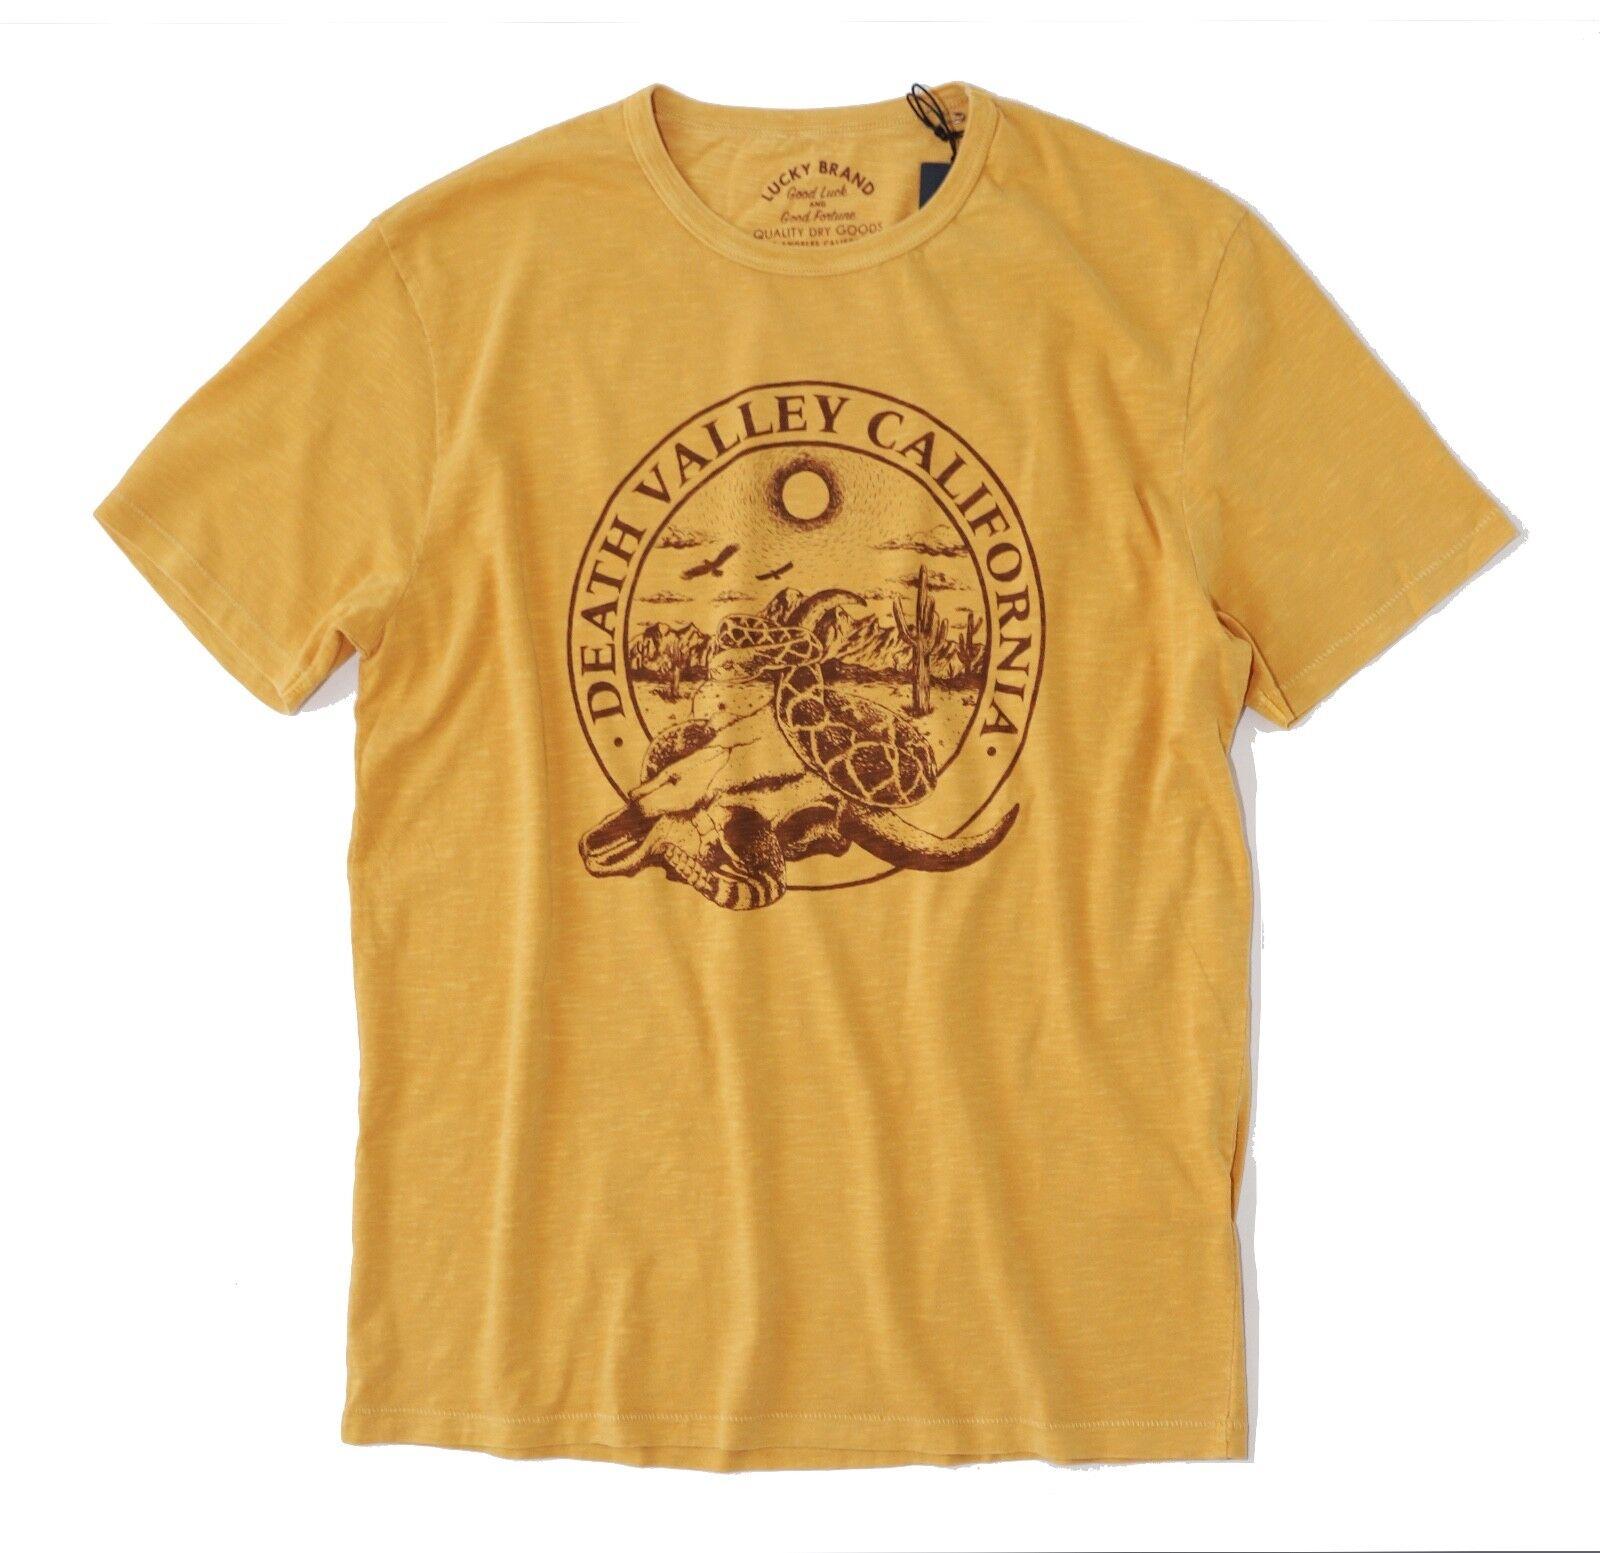 Lucky Brand - Herren XXL - Nwt - Vintage Gelb Death Valley California T-Shirt